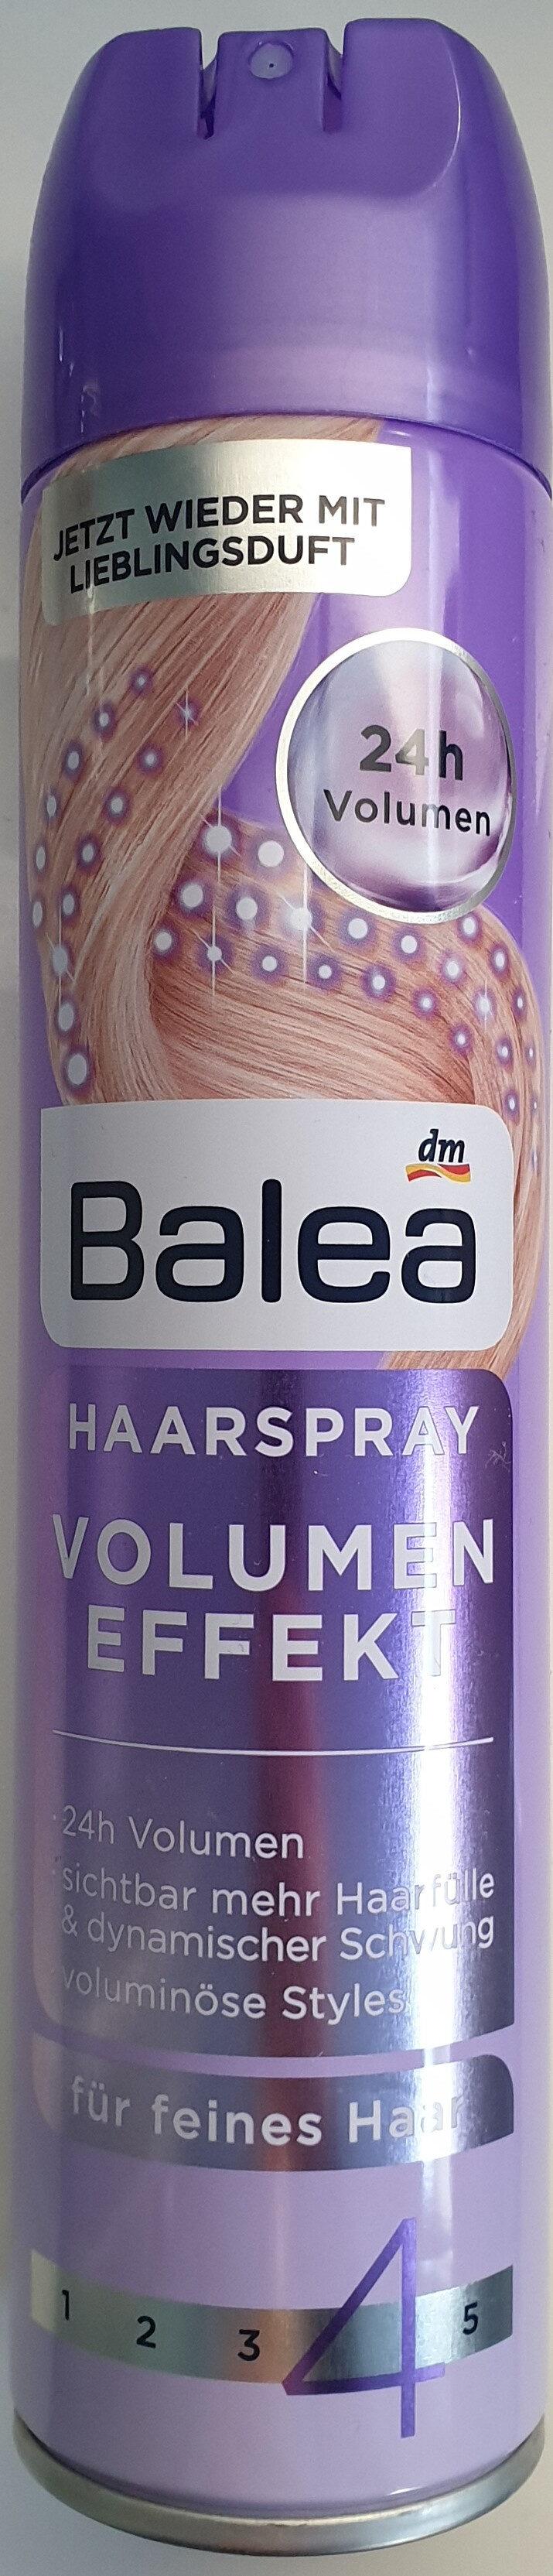 Haarspray Volumeneffekt für feines Haar 4 - Produit - de